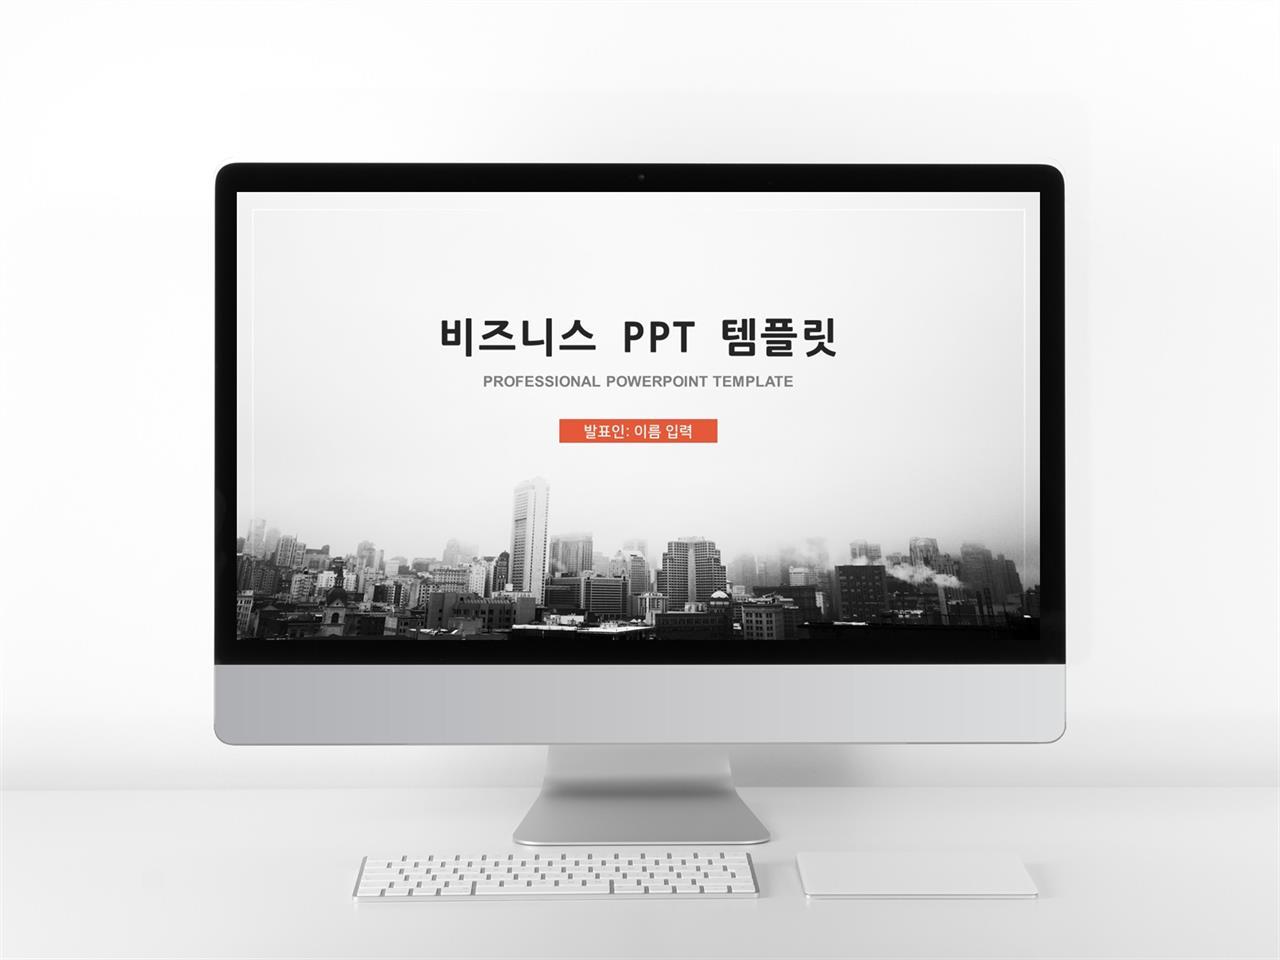 경제금융 등황색 현대적인 발표용 PPT배경 다운 미리보기